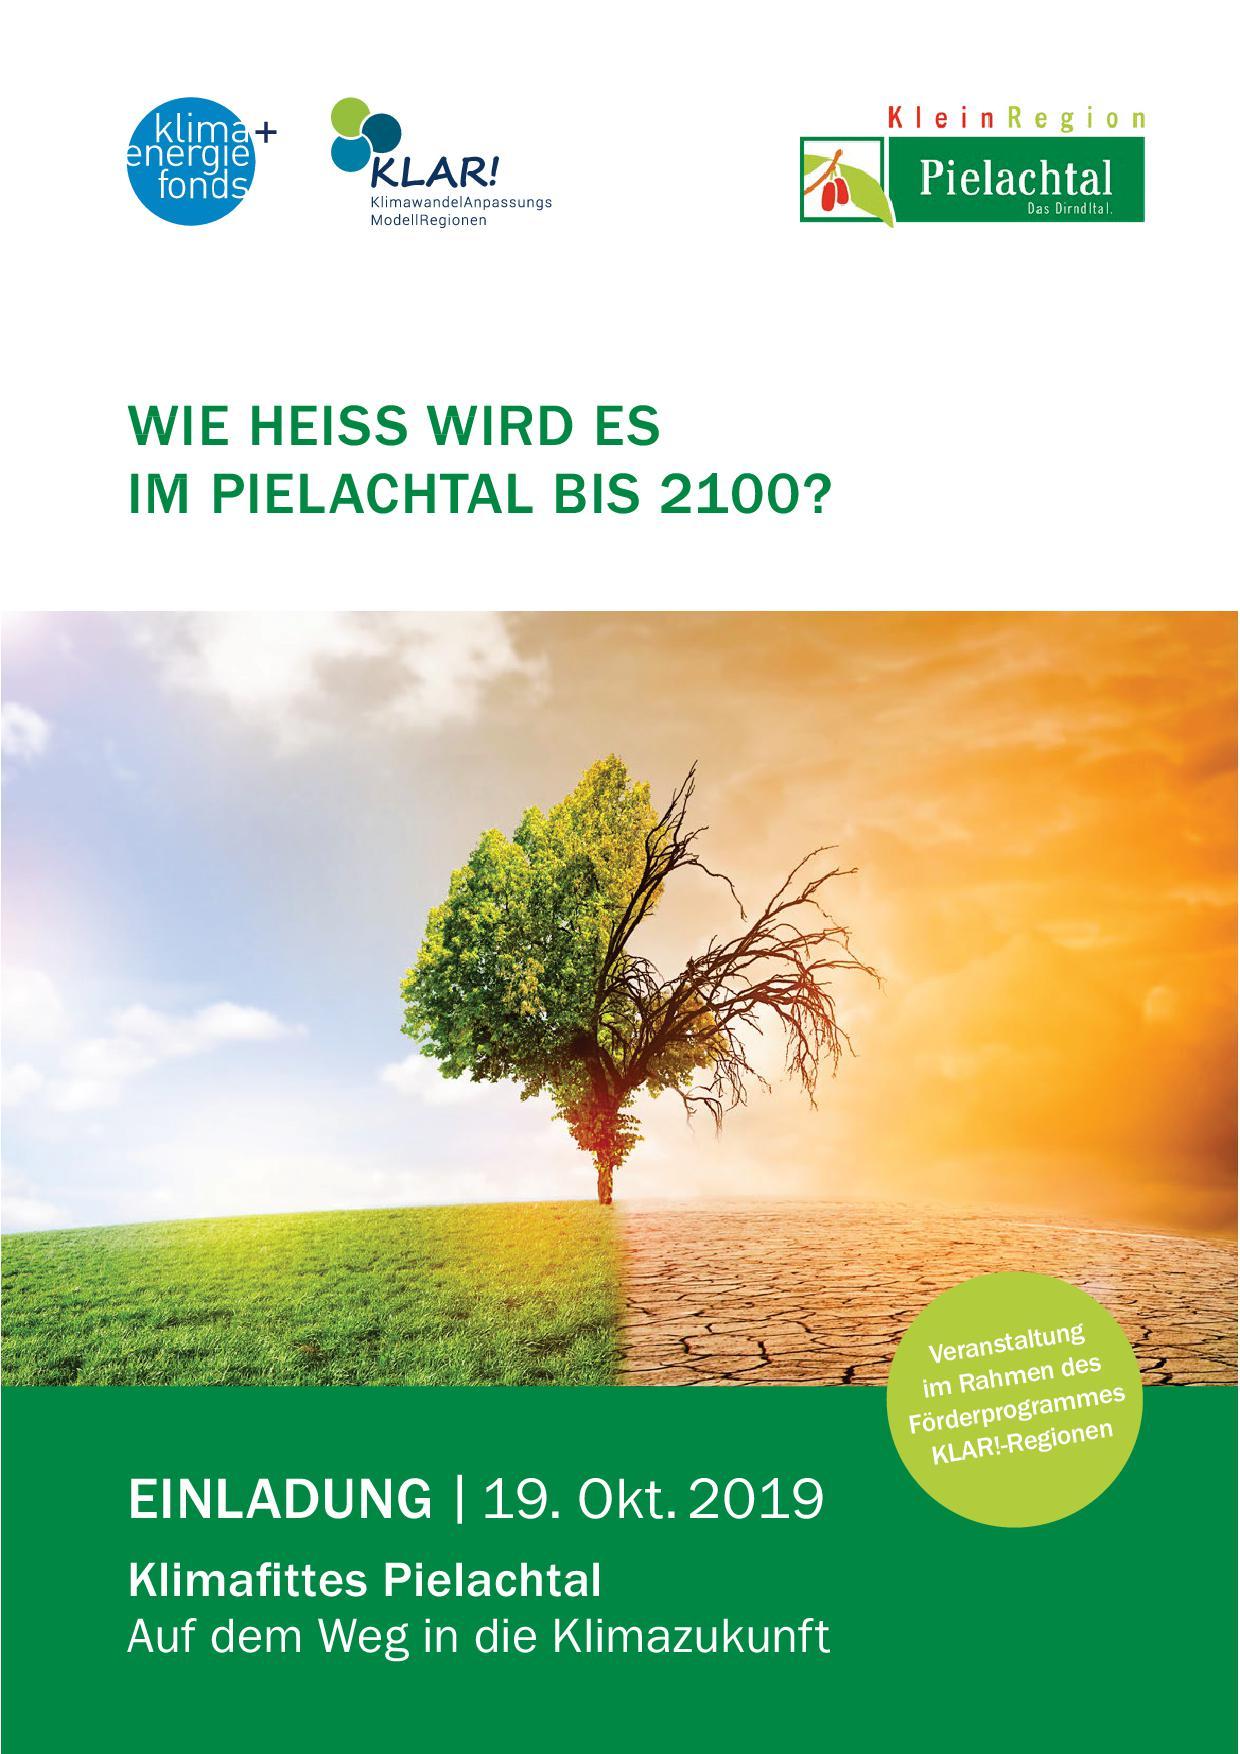 Plakat: Einladung Klimatfittes Pielachtal